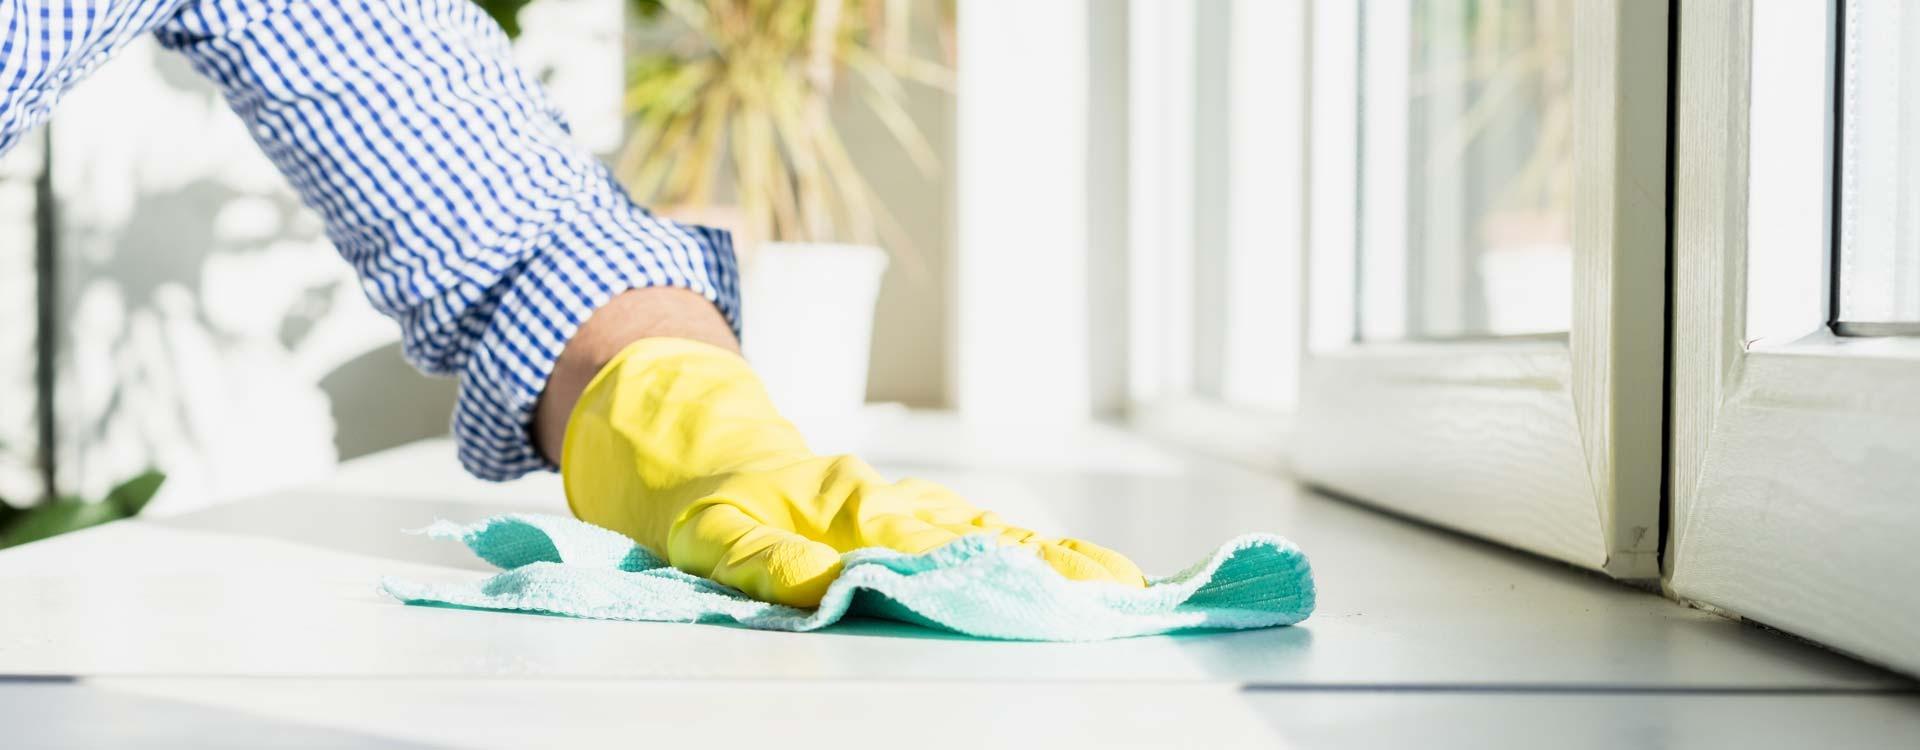 Czas na wiosenne porządki. Dlaczego warto sprzątać po zimie? Sprawdź!